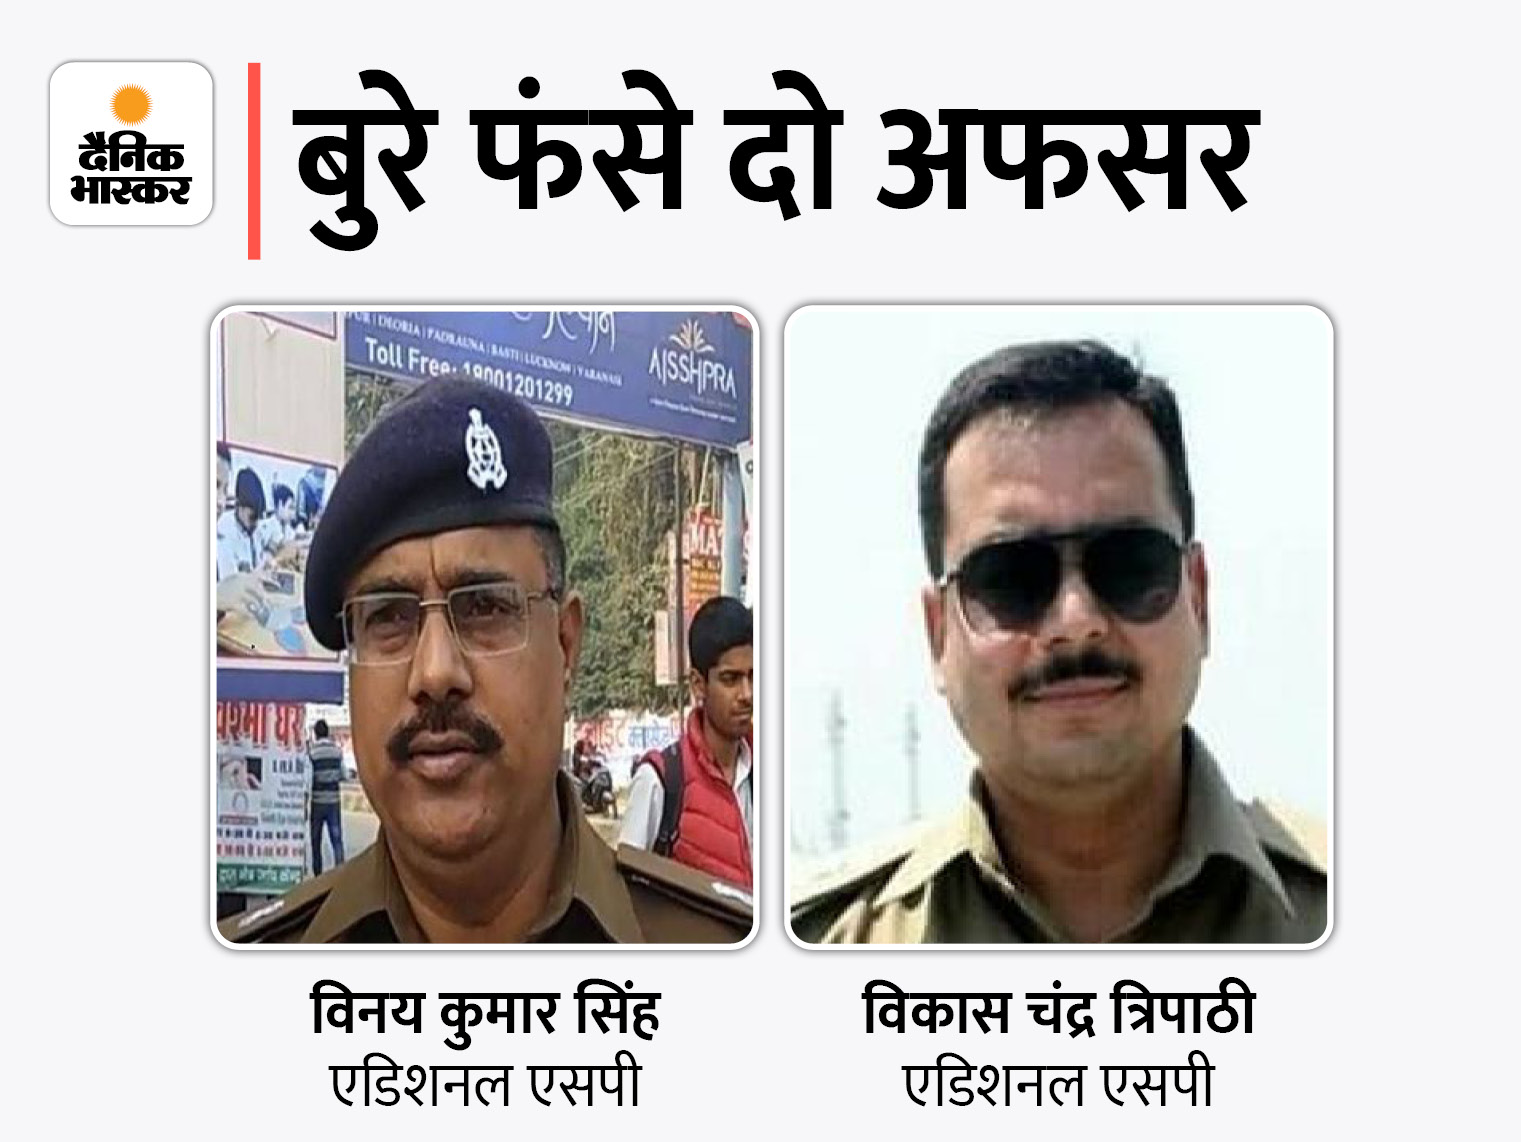 BSP सांसद अतुल राय और उनके करीबियों पर लगे आरोपों की जांच में लापरवाही का इल्जाम; रेप पीड़िता और गवाह ने सुप्रीम कोर्ट के बाहर लगा ली थी आग वाराणसी,Varanasi - Dainik Bhaskar